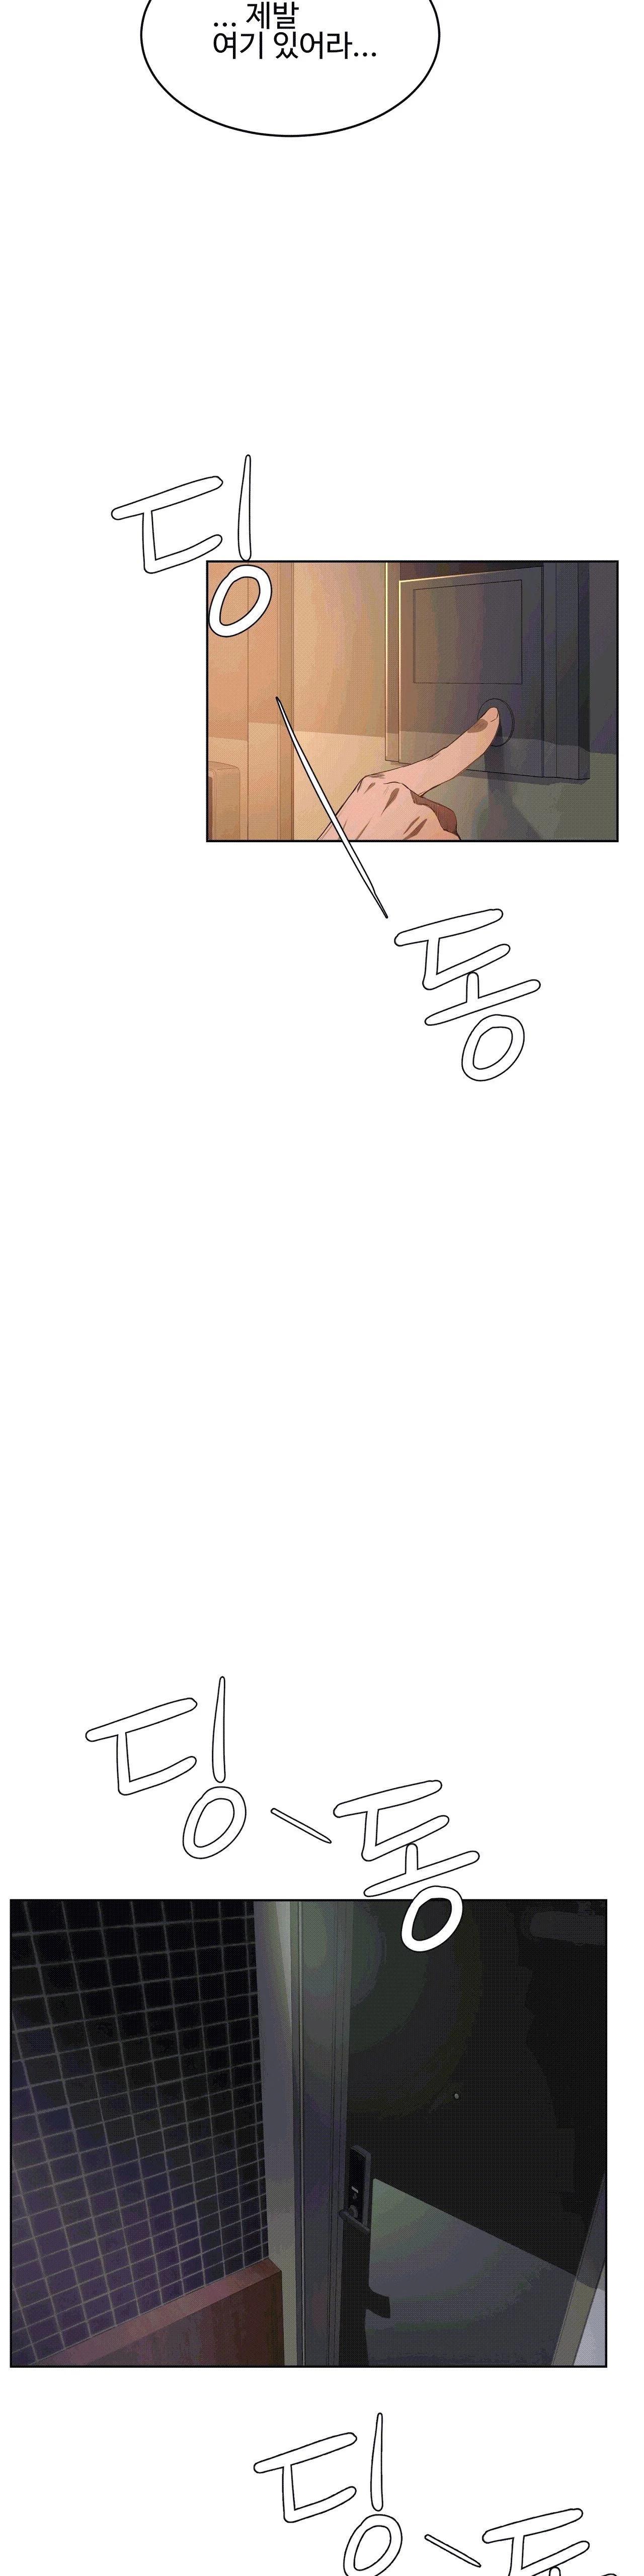 性教育 1-48.5 中文翻译(完結) 373